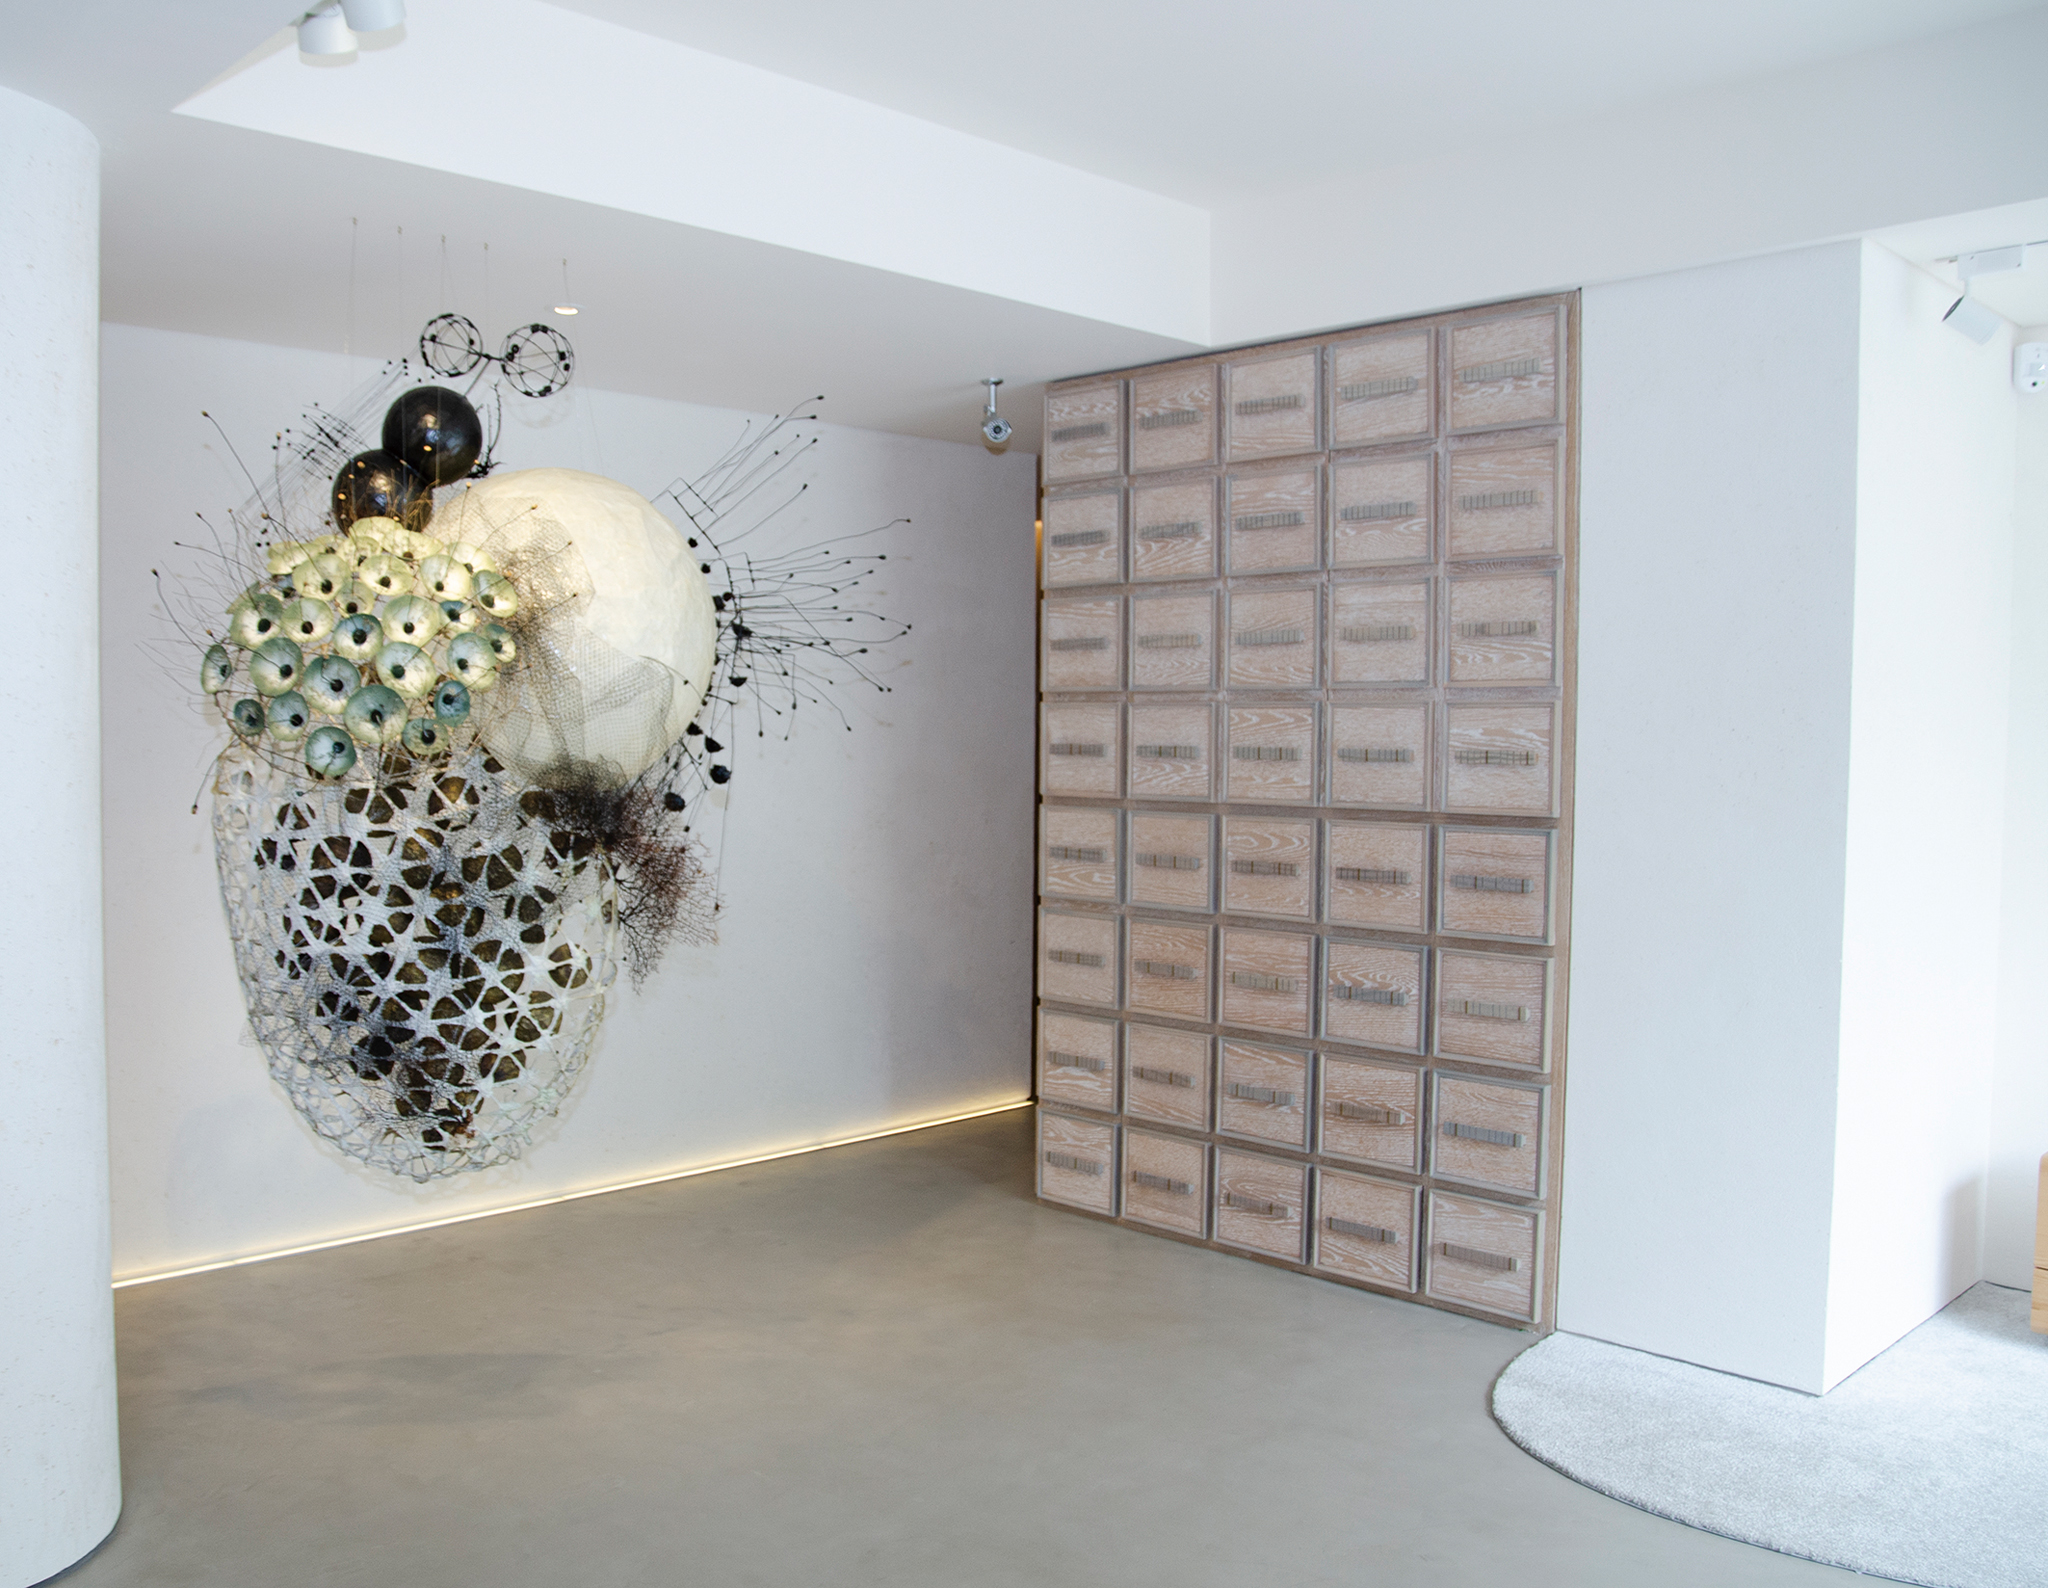 「漫雲思境」無櫃檯藝廊設計的接待大廳,並由植物藝術家李霽設計專屬藝術裝置。